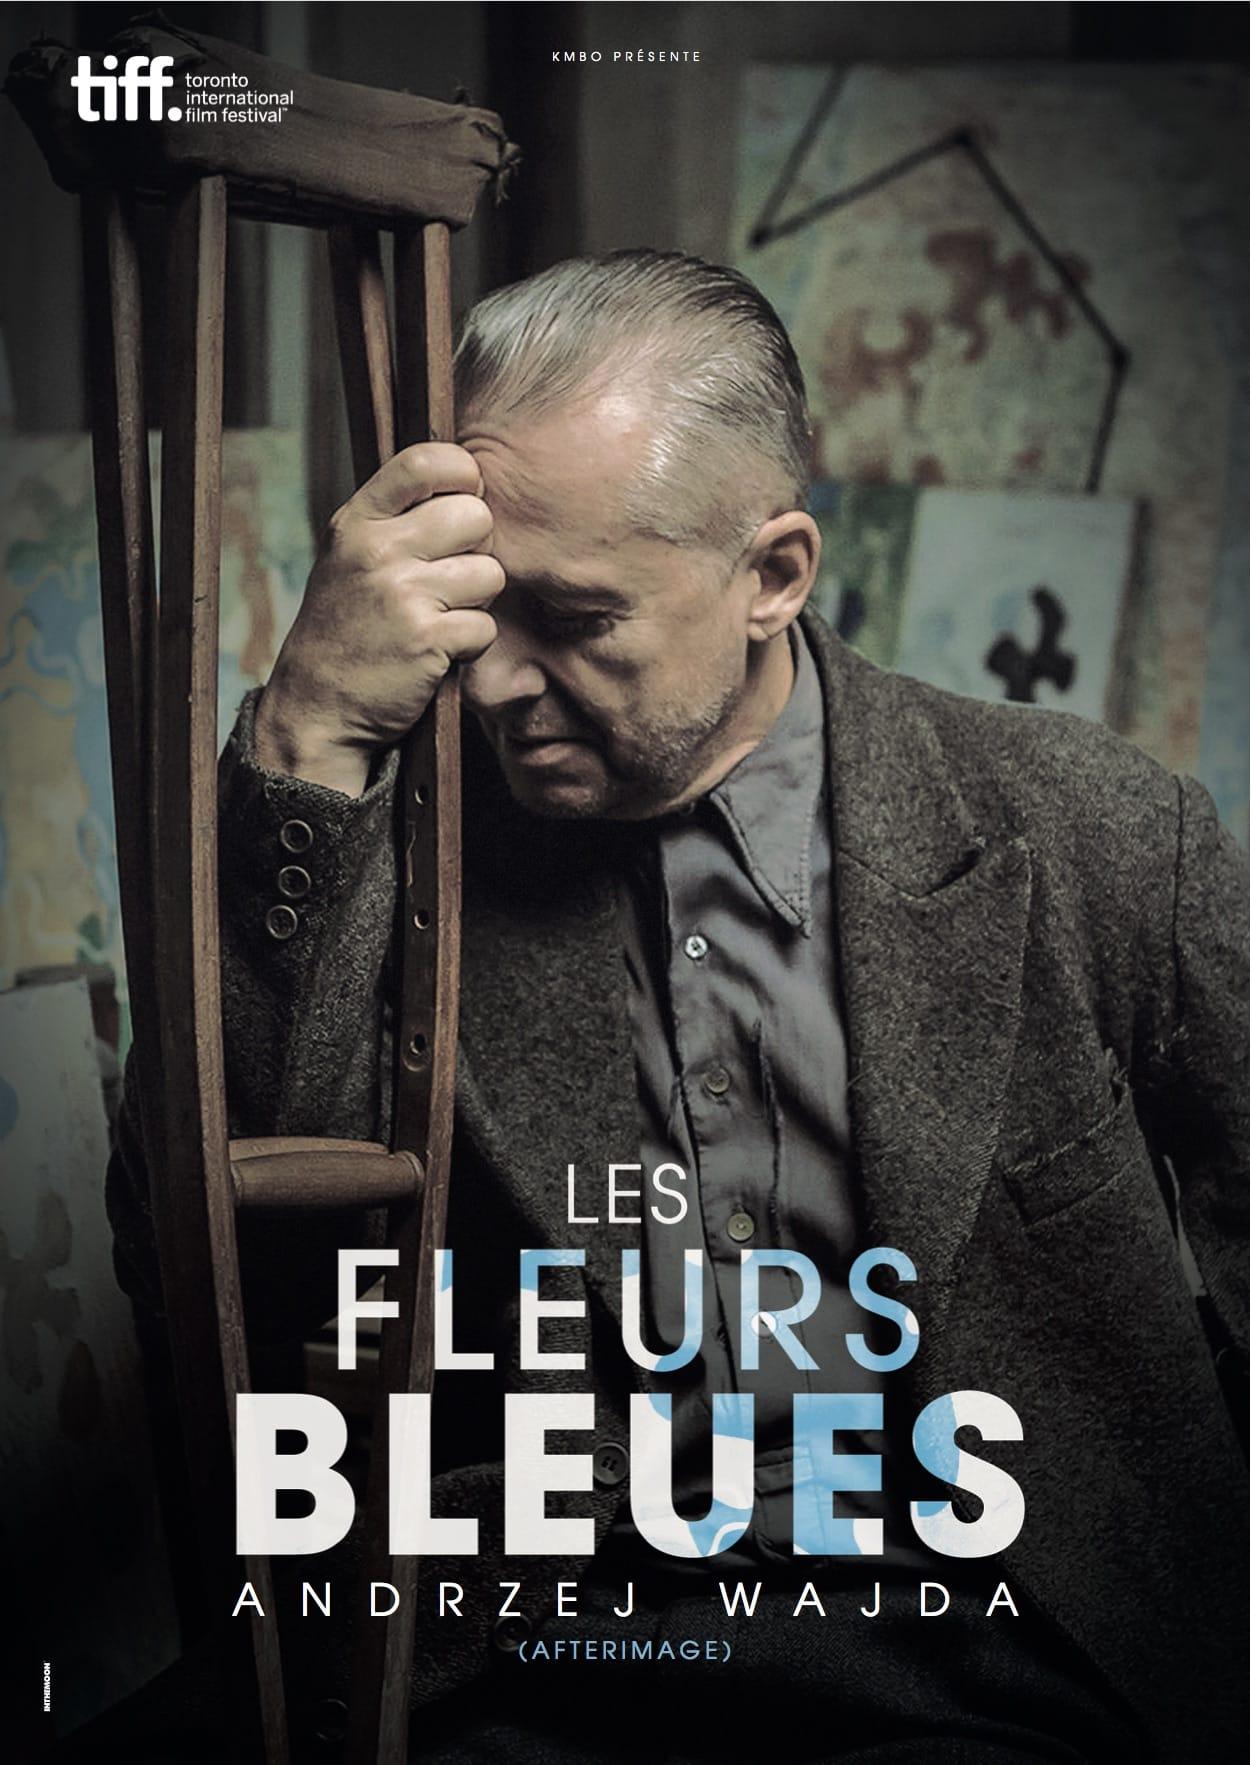 LES FLEURS BLEUES affiche